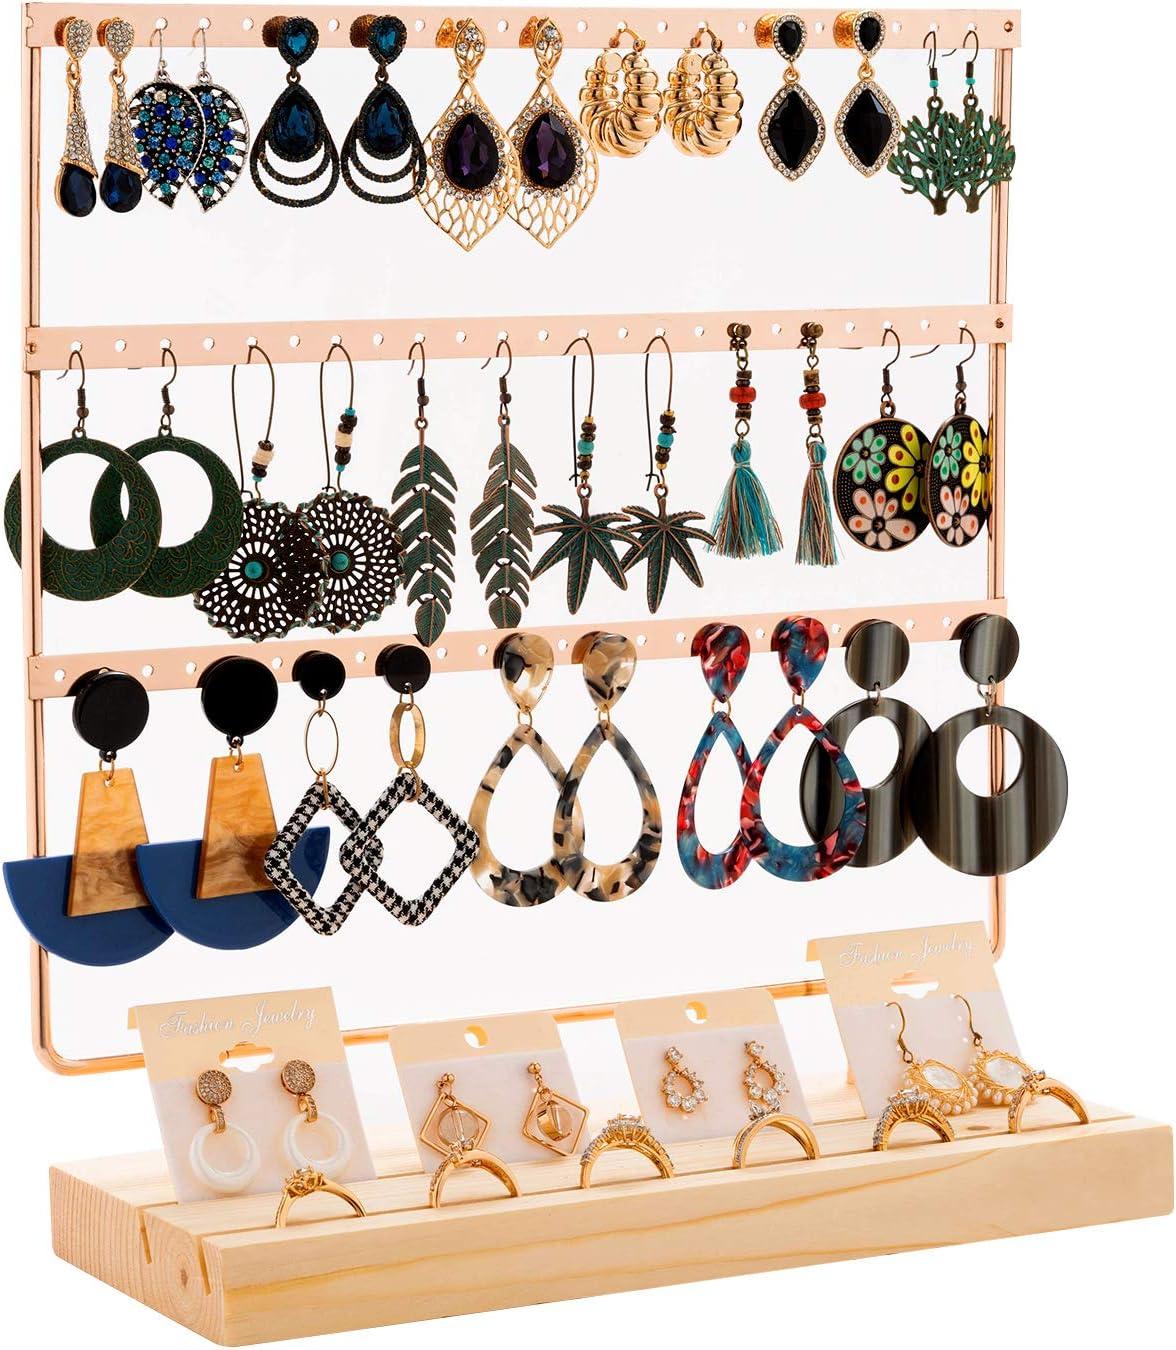 QILICZ Soporte para joyas, soporte para pendientes, 69 agujeros, soporte para pendientes, color oro rosa, organizador con anillos de madera, caja, expositor para pendientes, 30 x 27 cm, joyas, árbol